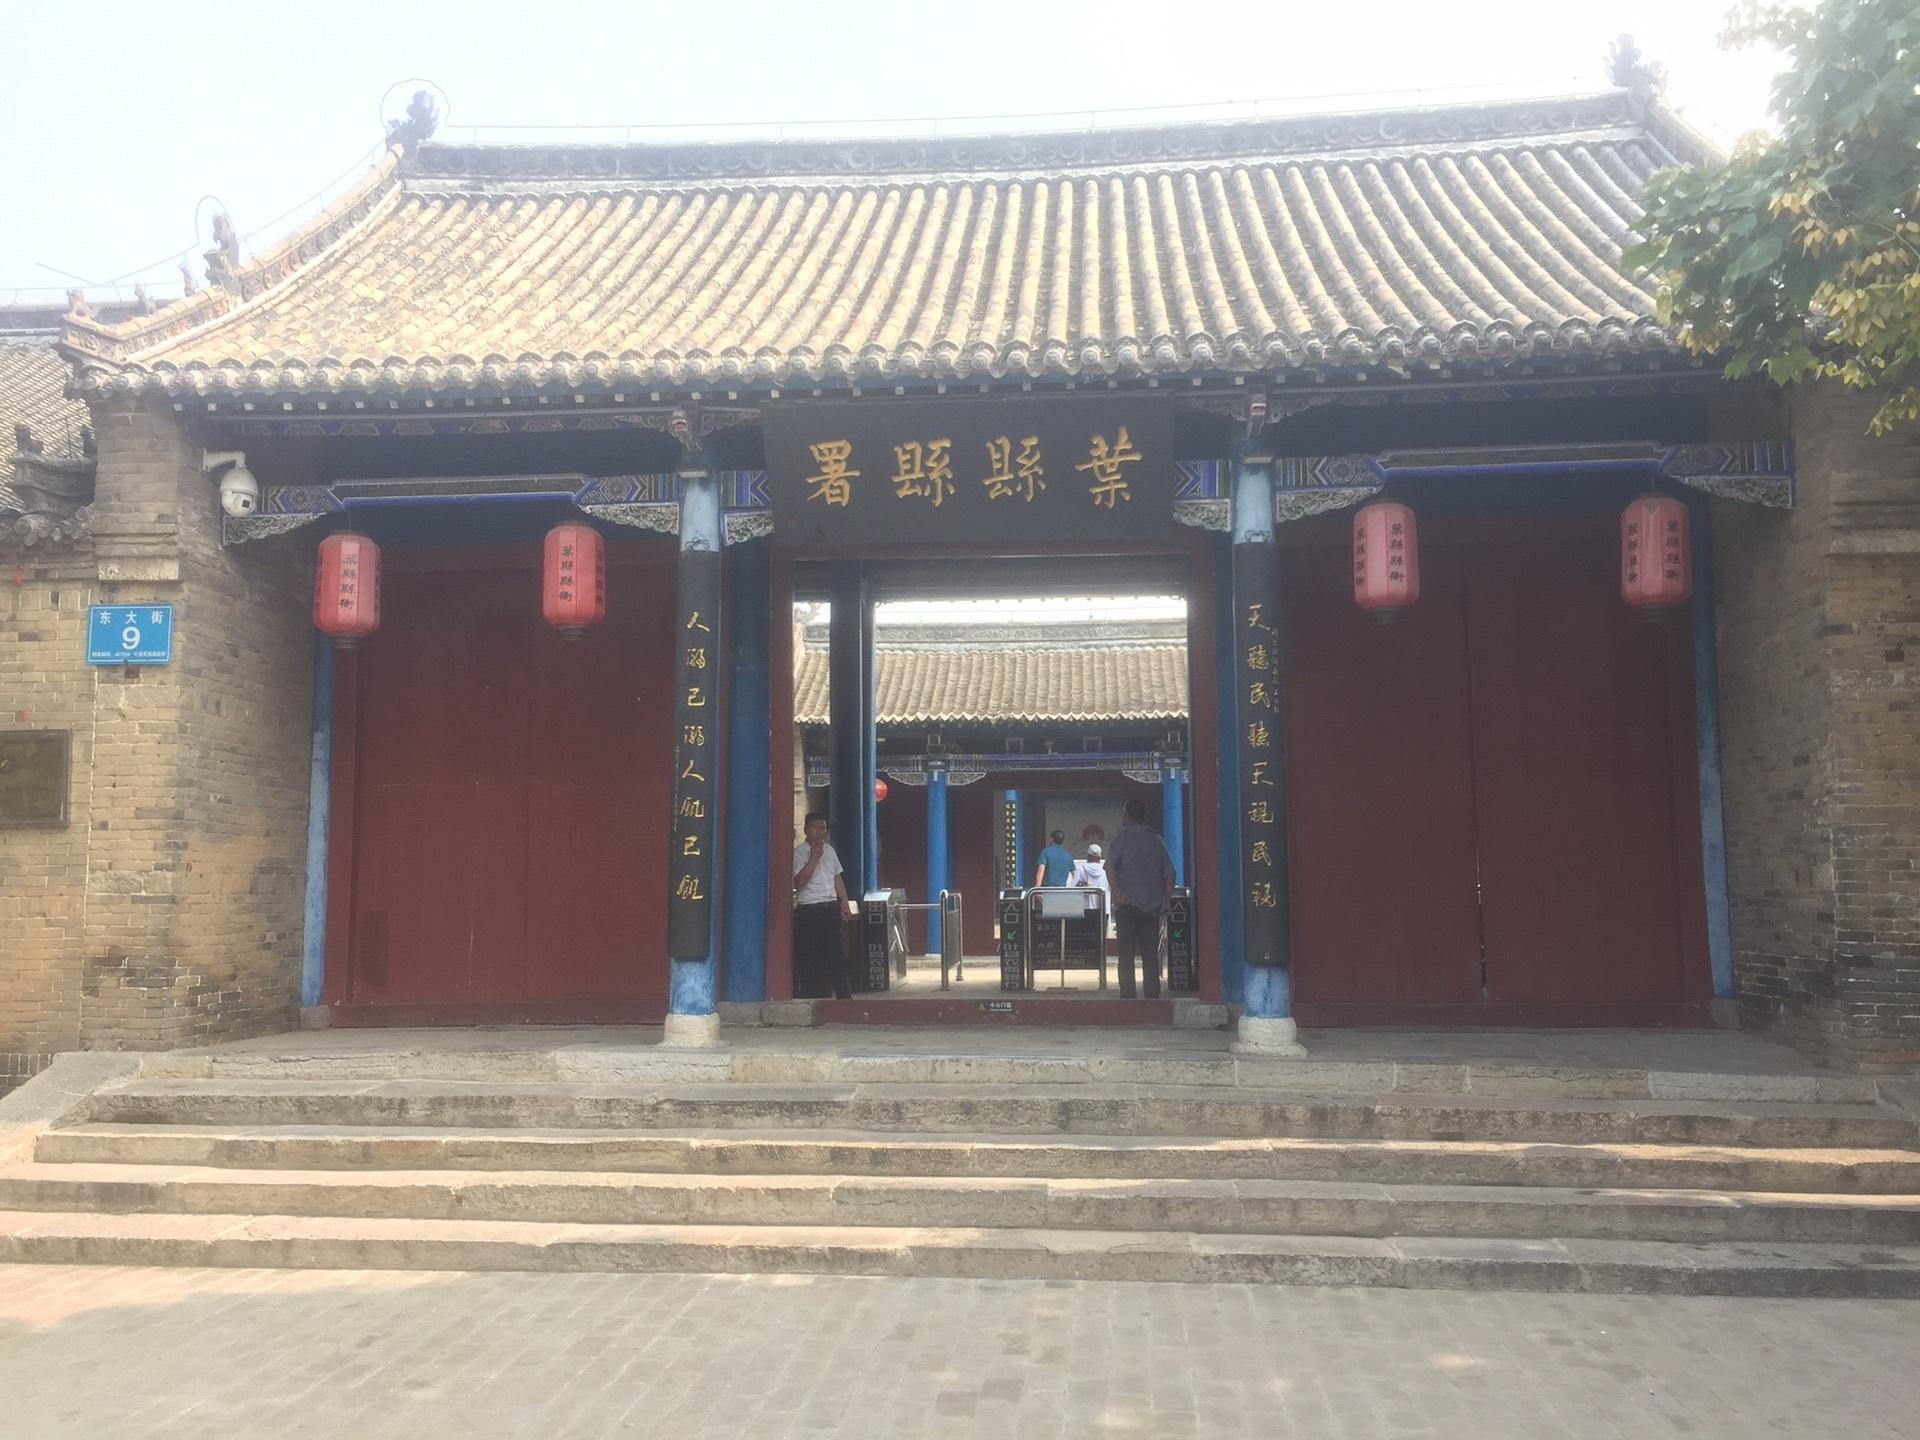 全国仅存的三座古县衙之—叶县县衙图片